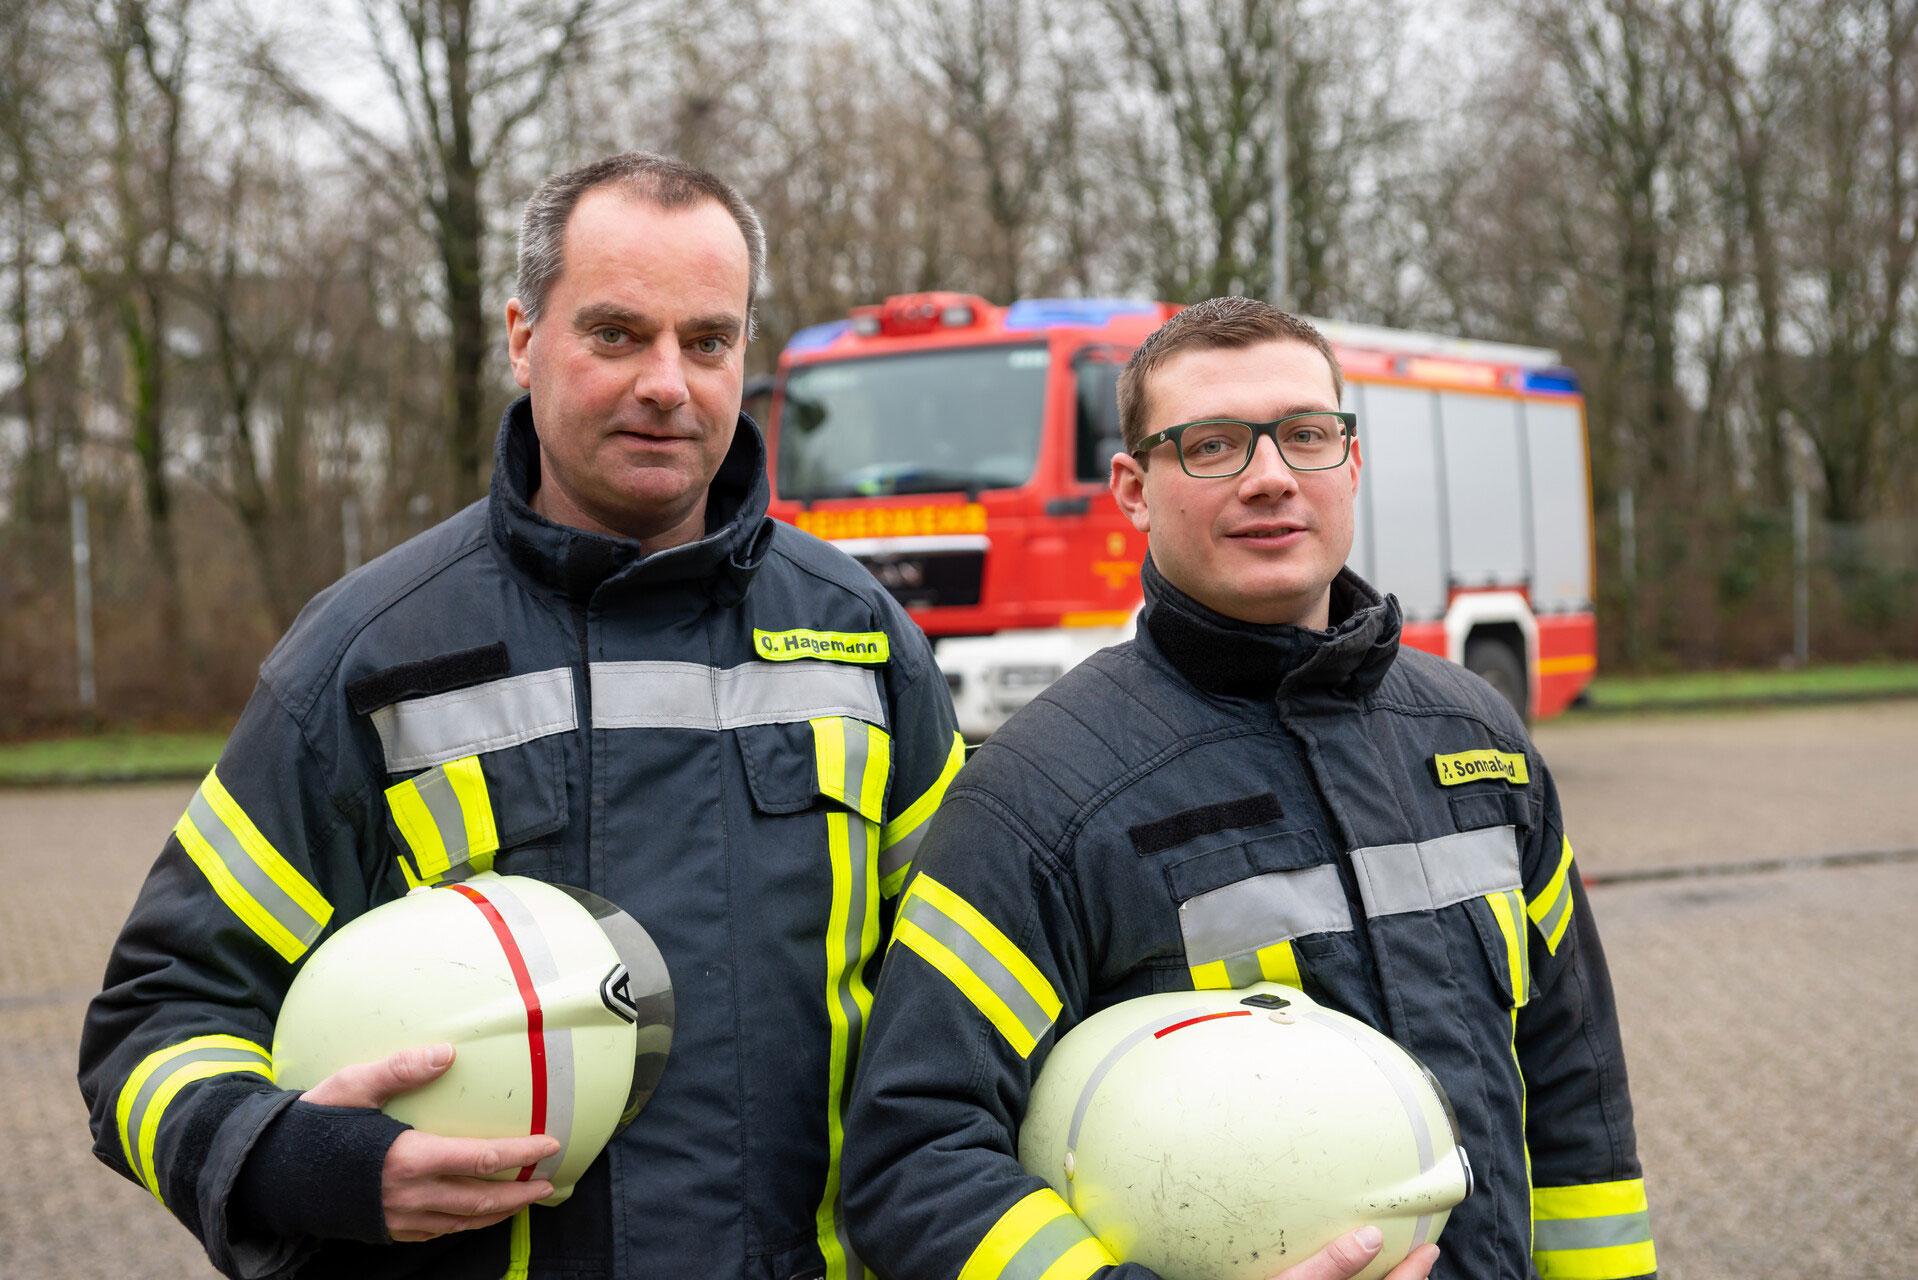 Die neuen Zugführer vom Löschzug Hiddingsel sind von links: Olaf Hagemann und sein Stellvertreter Patrick Sonnabend